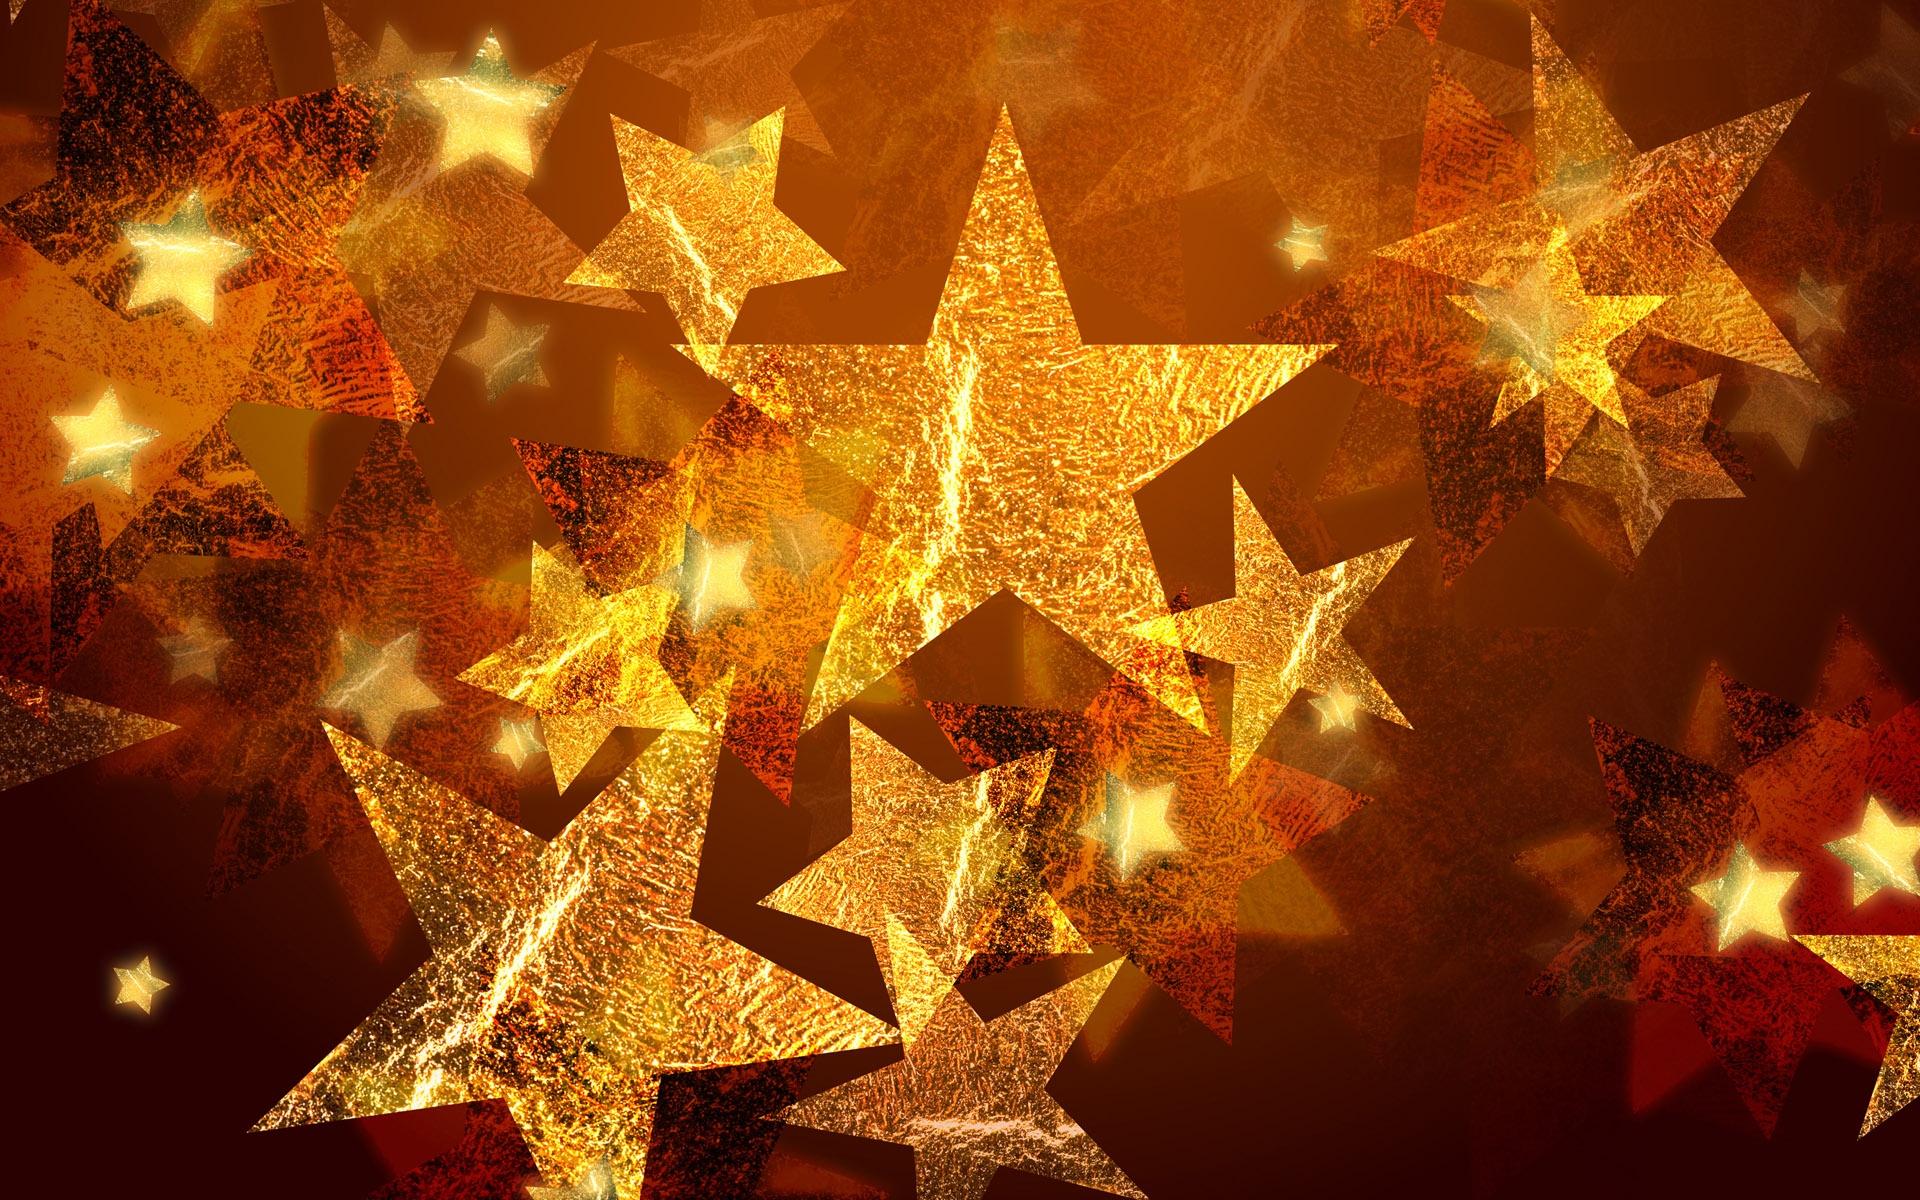 Adornos de estrellas por navidad - 1920x1200